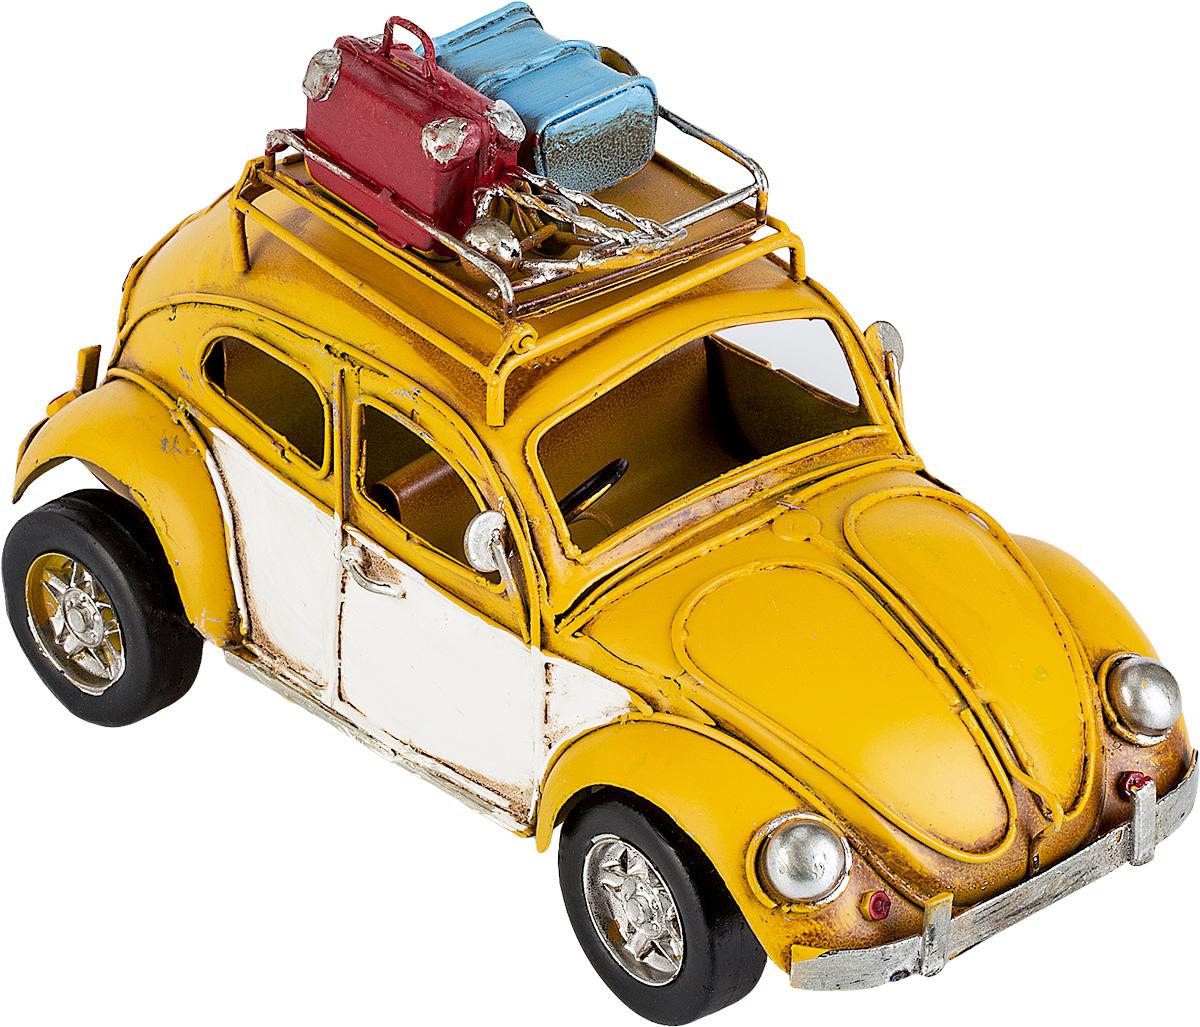 Модель Platinum Автомобиль, с фоторамкой. 1404E-4367700033Модель Platinum Автомобиль, выполненная из металла, станет оригинальным украшением интерьера. Вы можете поставить модель ретро-автомобиля в любом месте, где она будет удачно смотреться.Изделие дополнено фоторамкой, куда вы можете вставить вашу любимую фотографию.Качество исполнения, точные детали и оригинальный дизайн выделяют эту модель среди ряда подобных. Модель займет достойное место в вашей коллекции, а также приятно удивит получателя в качестве стильного сувенира.